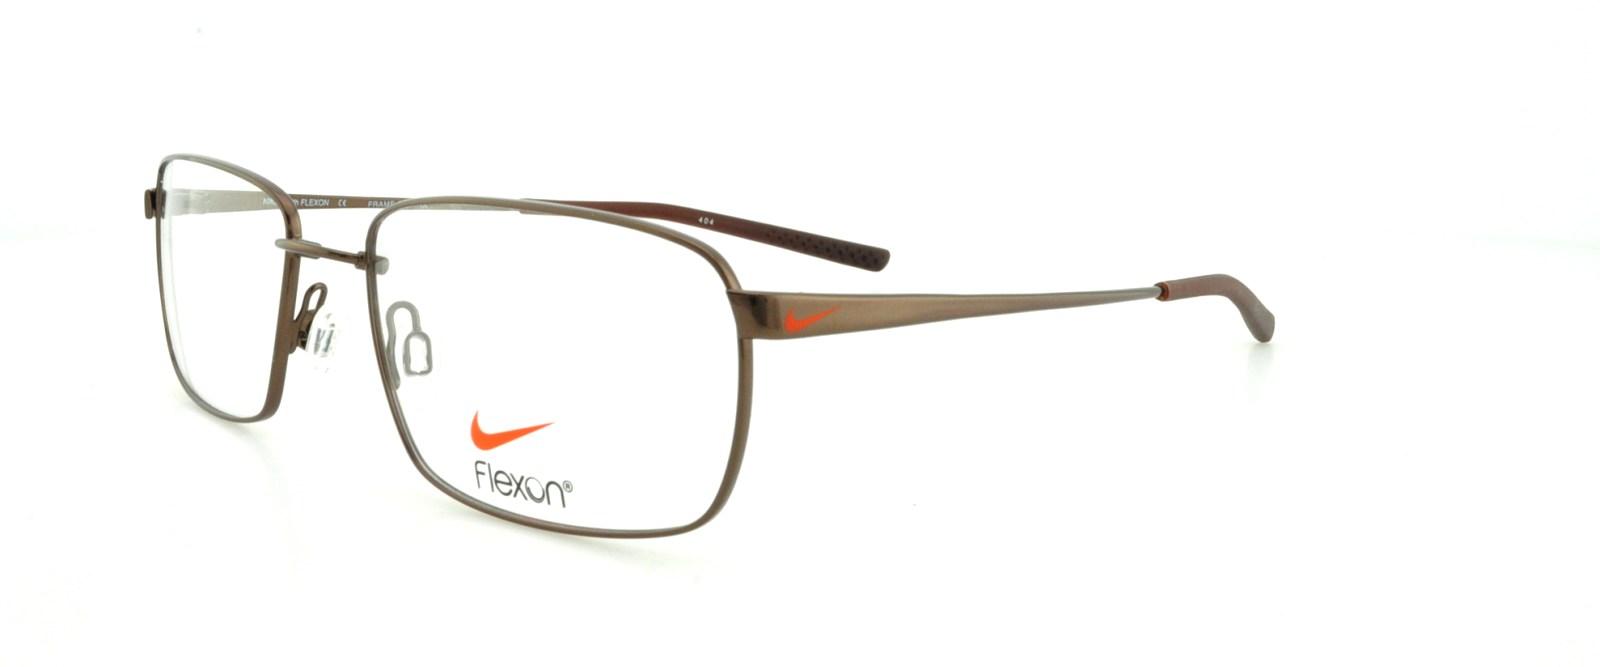 4dd399b0d7 Designer Frames Outlet. Nike 4194